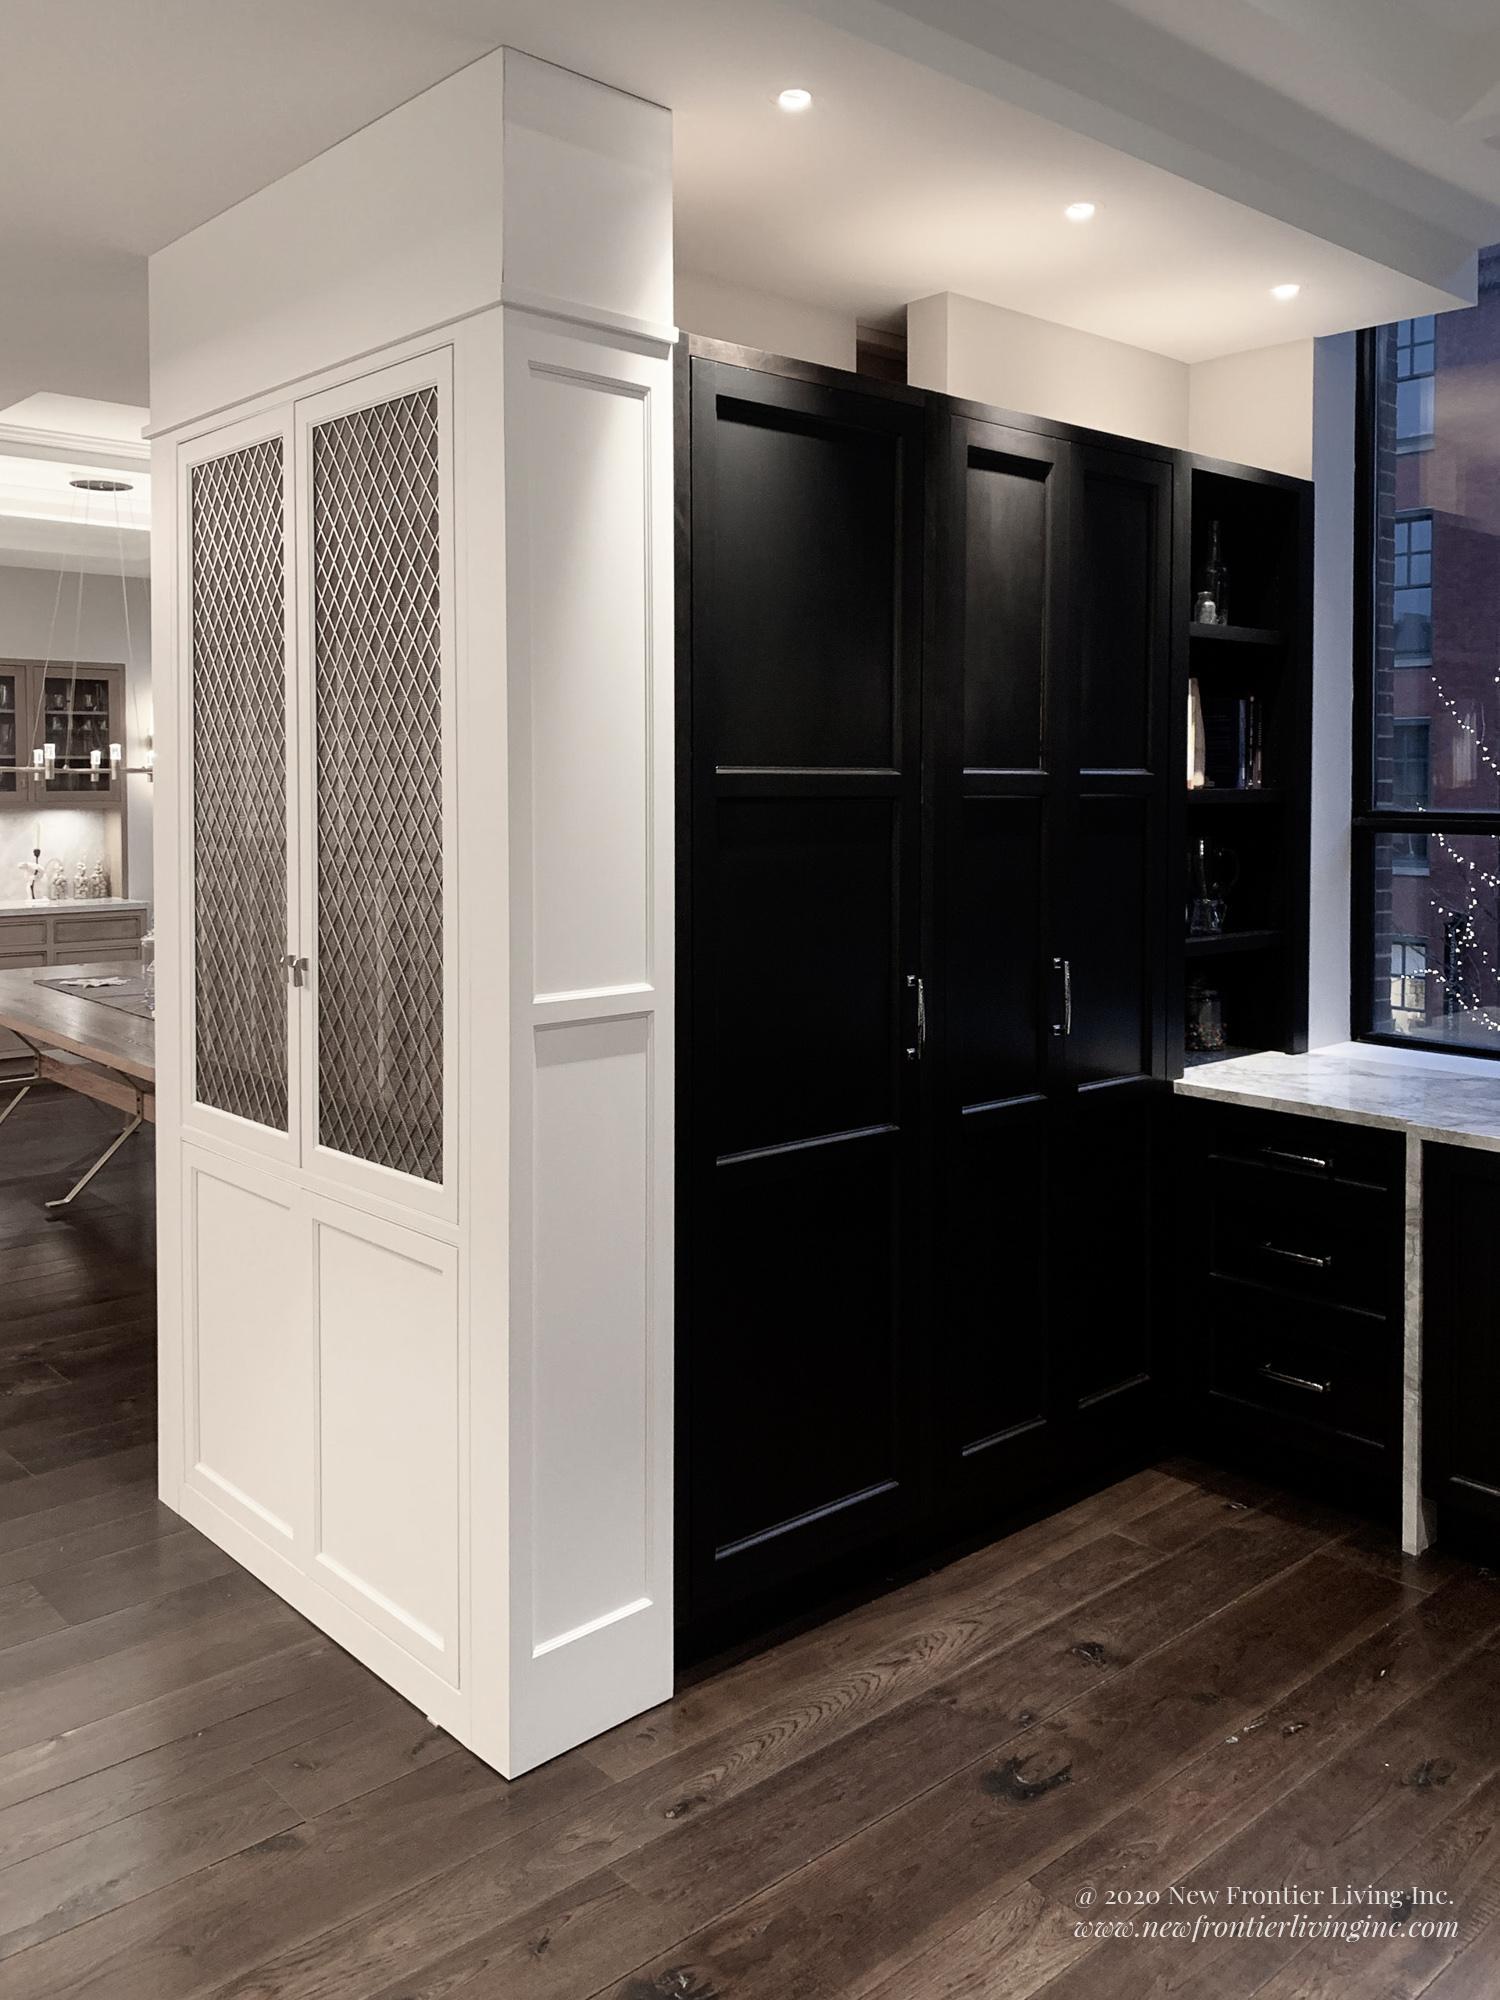 Alternative white and black tall kitchen storage units